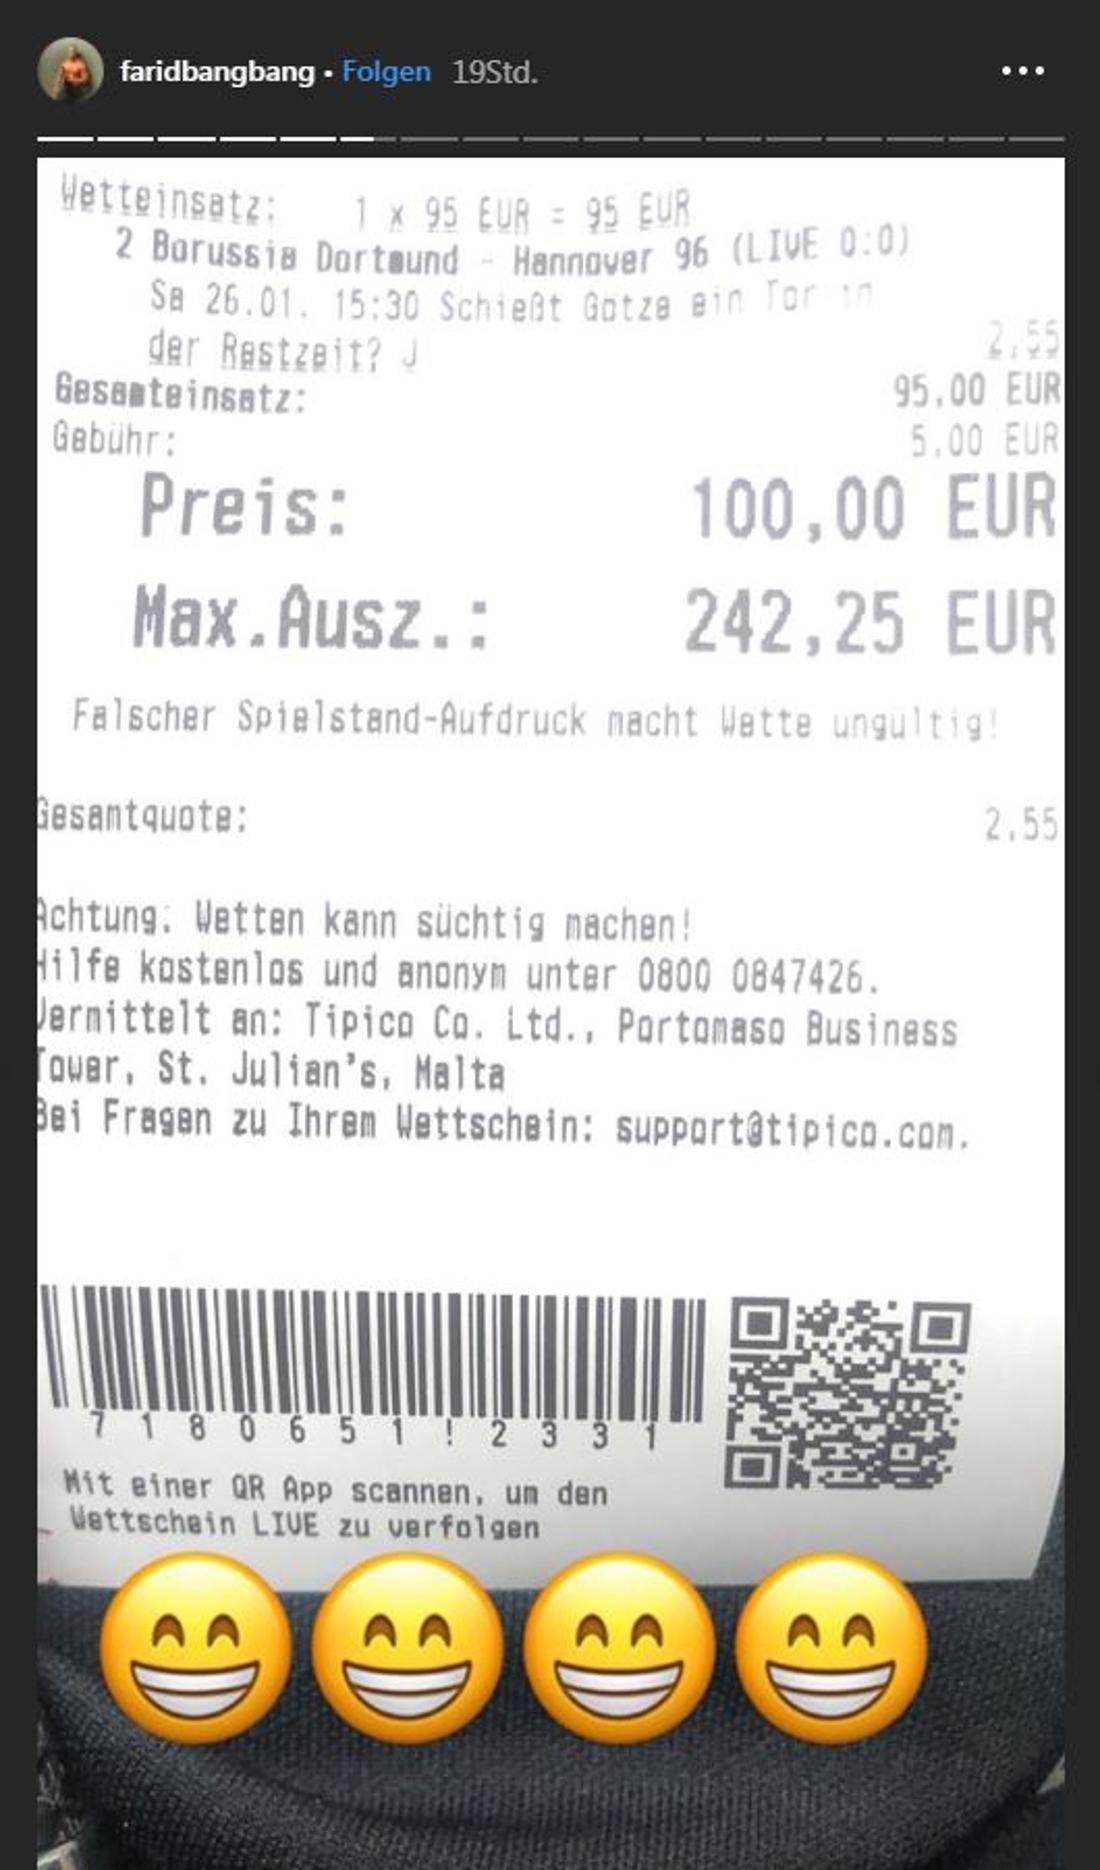 Mit dieser Wette auf ein Mario-Götze-Tor gewann Farid Bang fast 250 Euro.